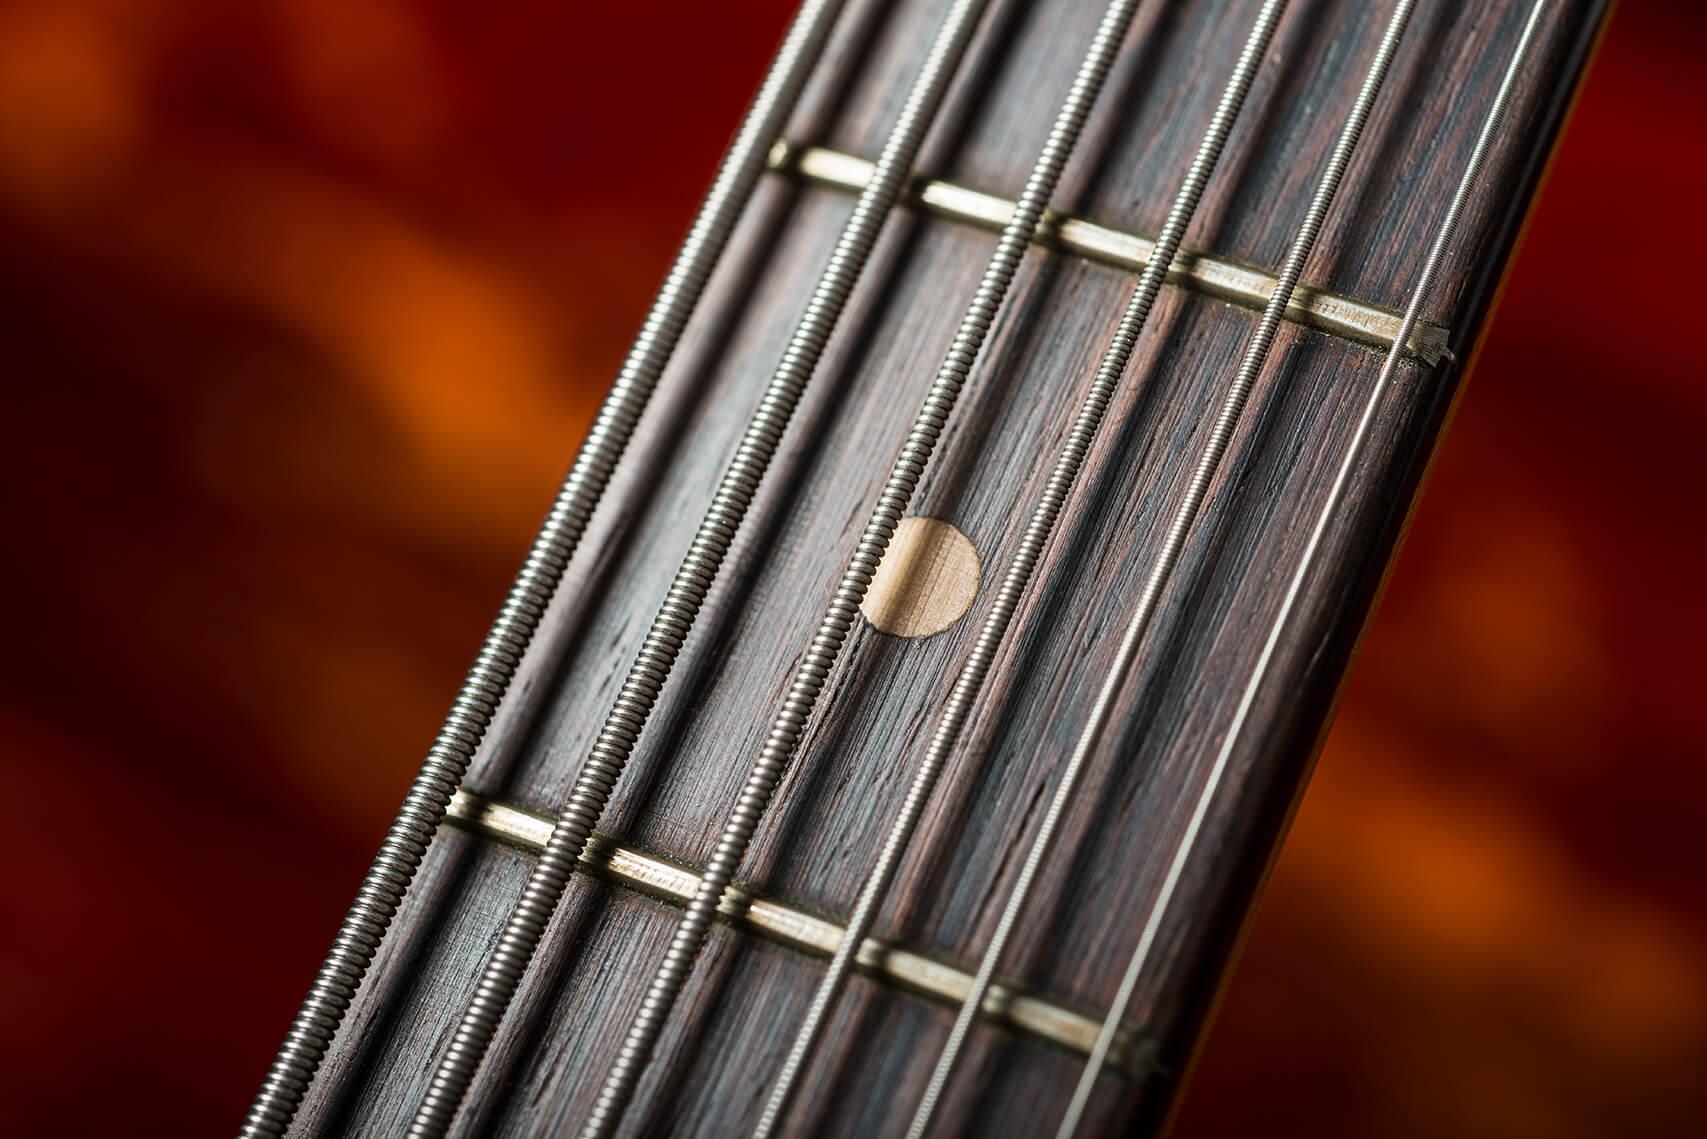 VBT Fender Bass VI Fretboard